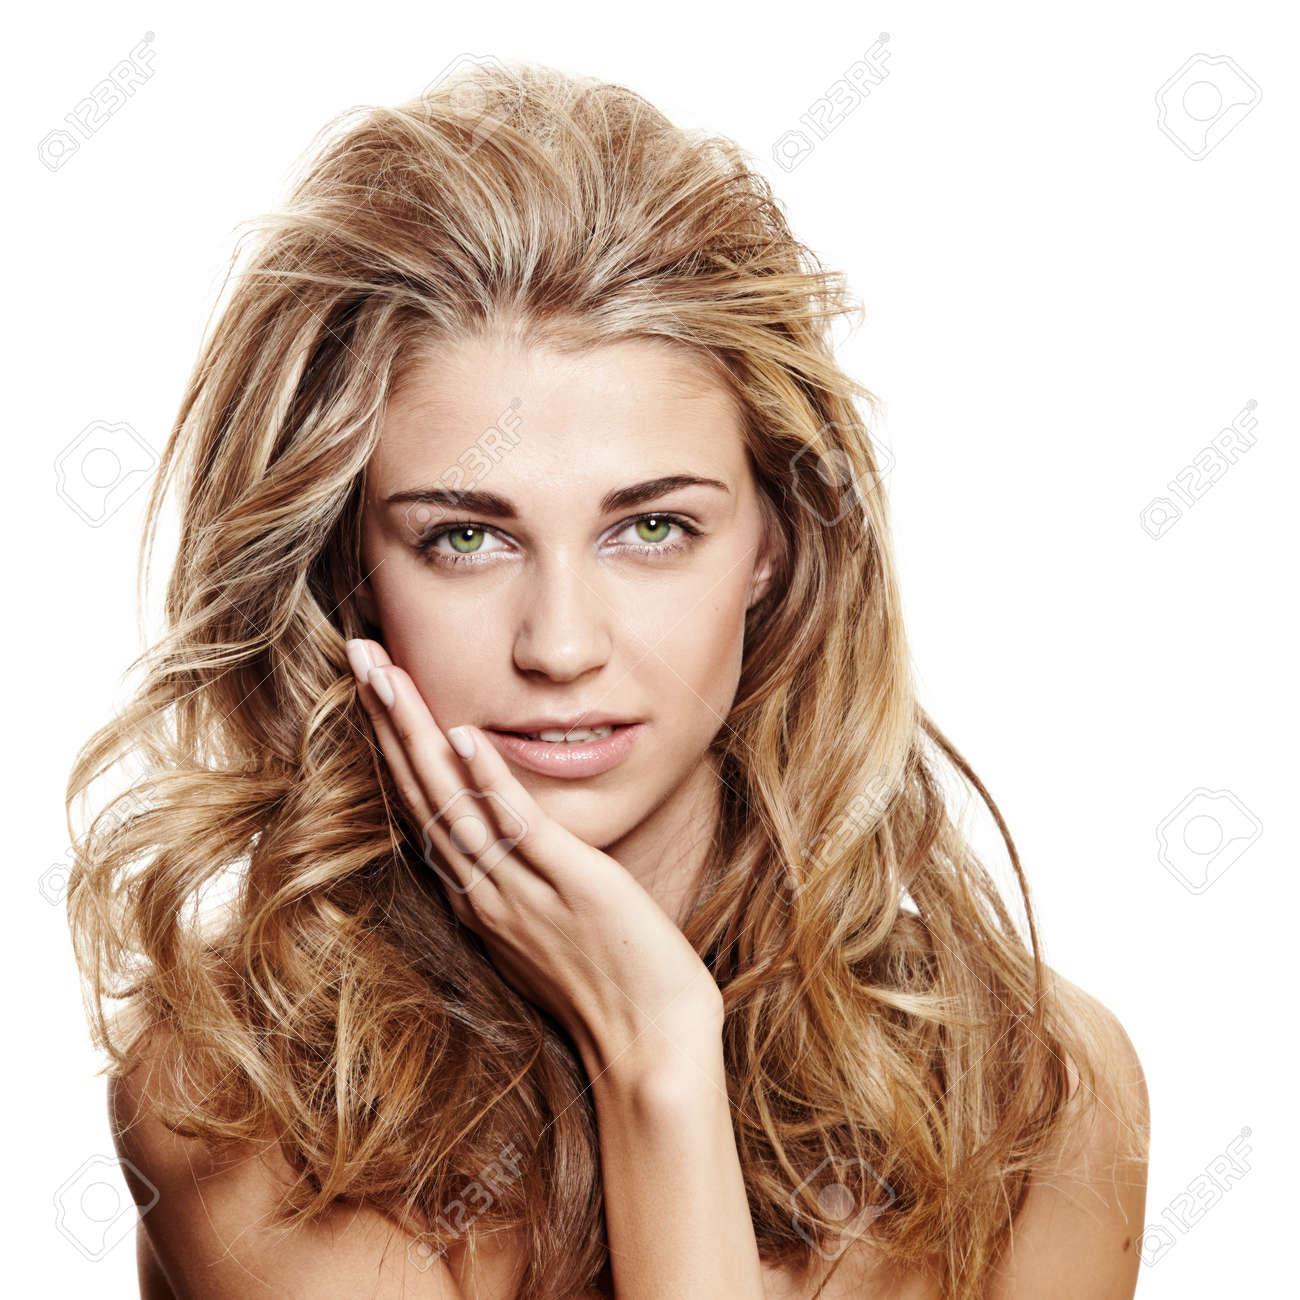 belle femme souriante avec de longs cheveux blonds bouclés et maquillage naturel sur fond blanc toucher son visage Banque d'images - 12470207